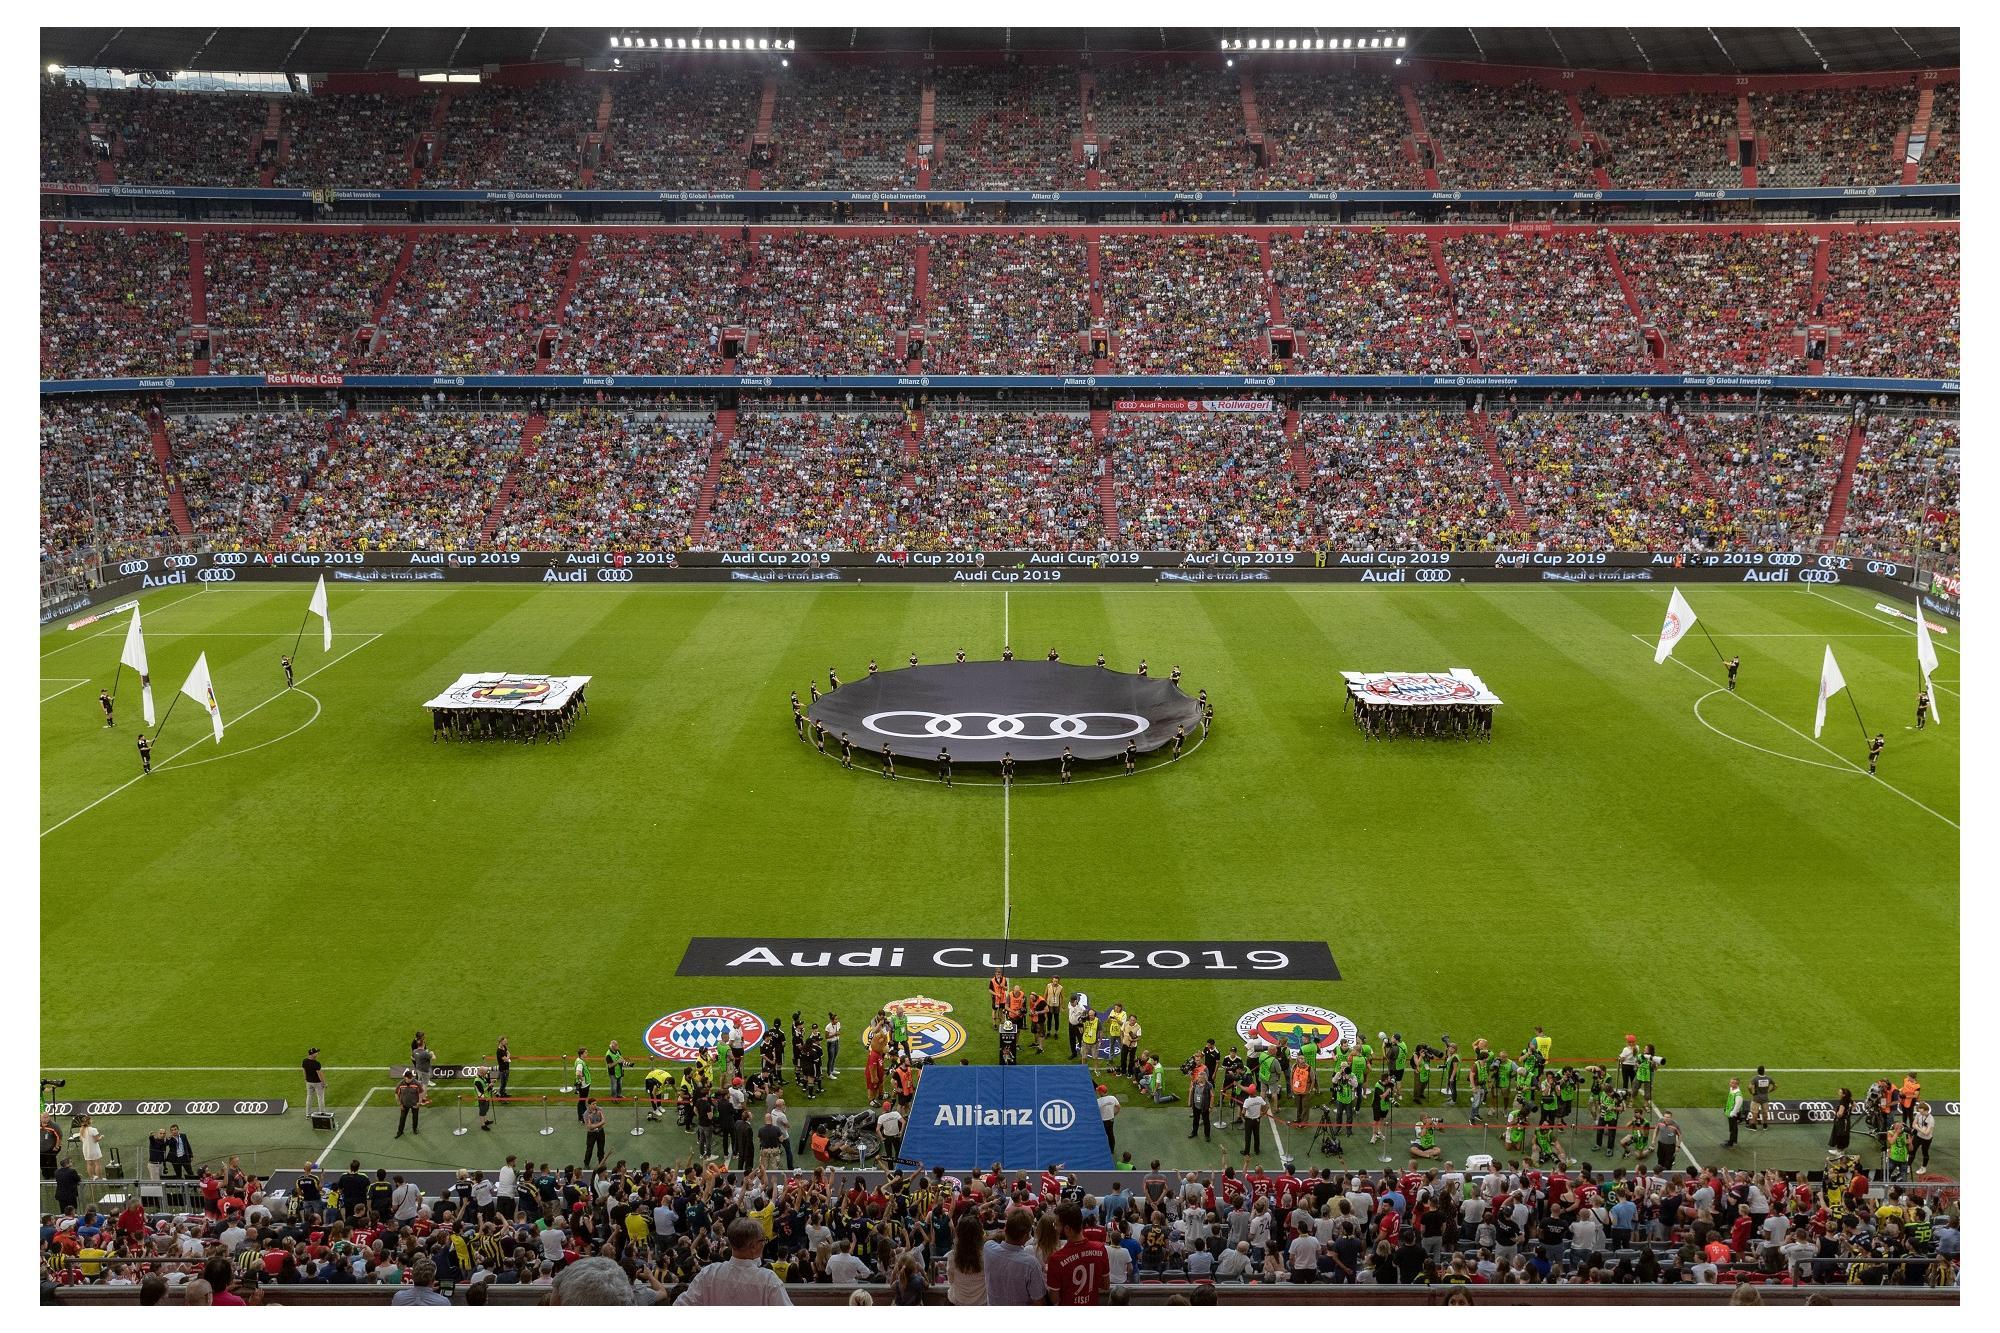 Η Audi και η FC Bayern München σε κοινή πορεία προς το μέλλον